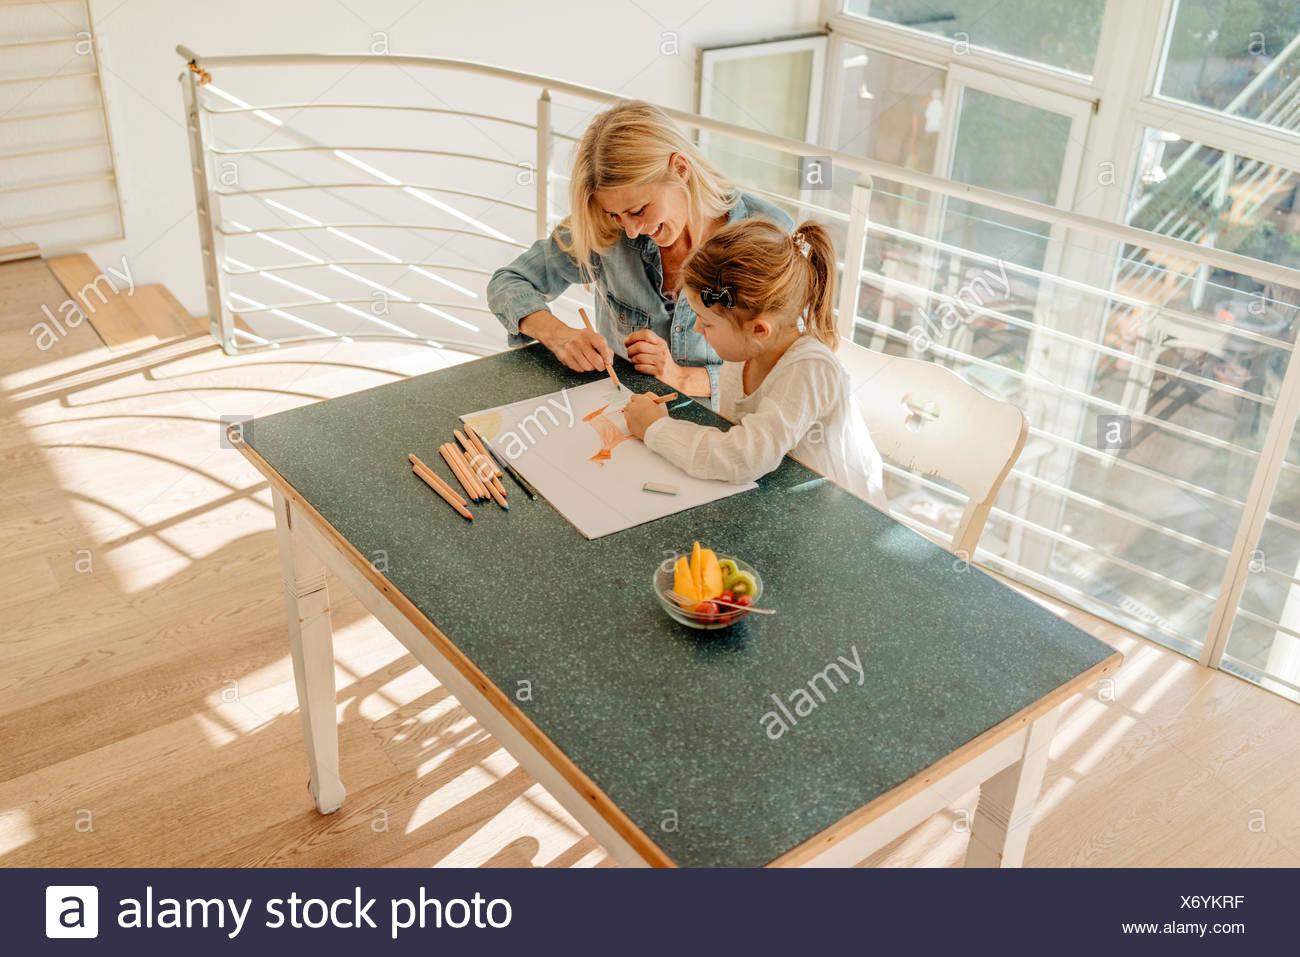 Mujer madura y chica en casa dibujo juntos Imagen De Stock